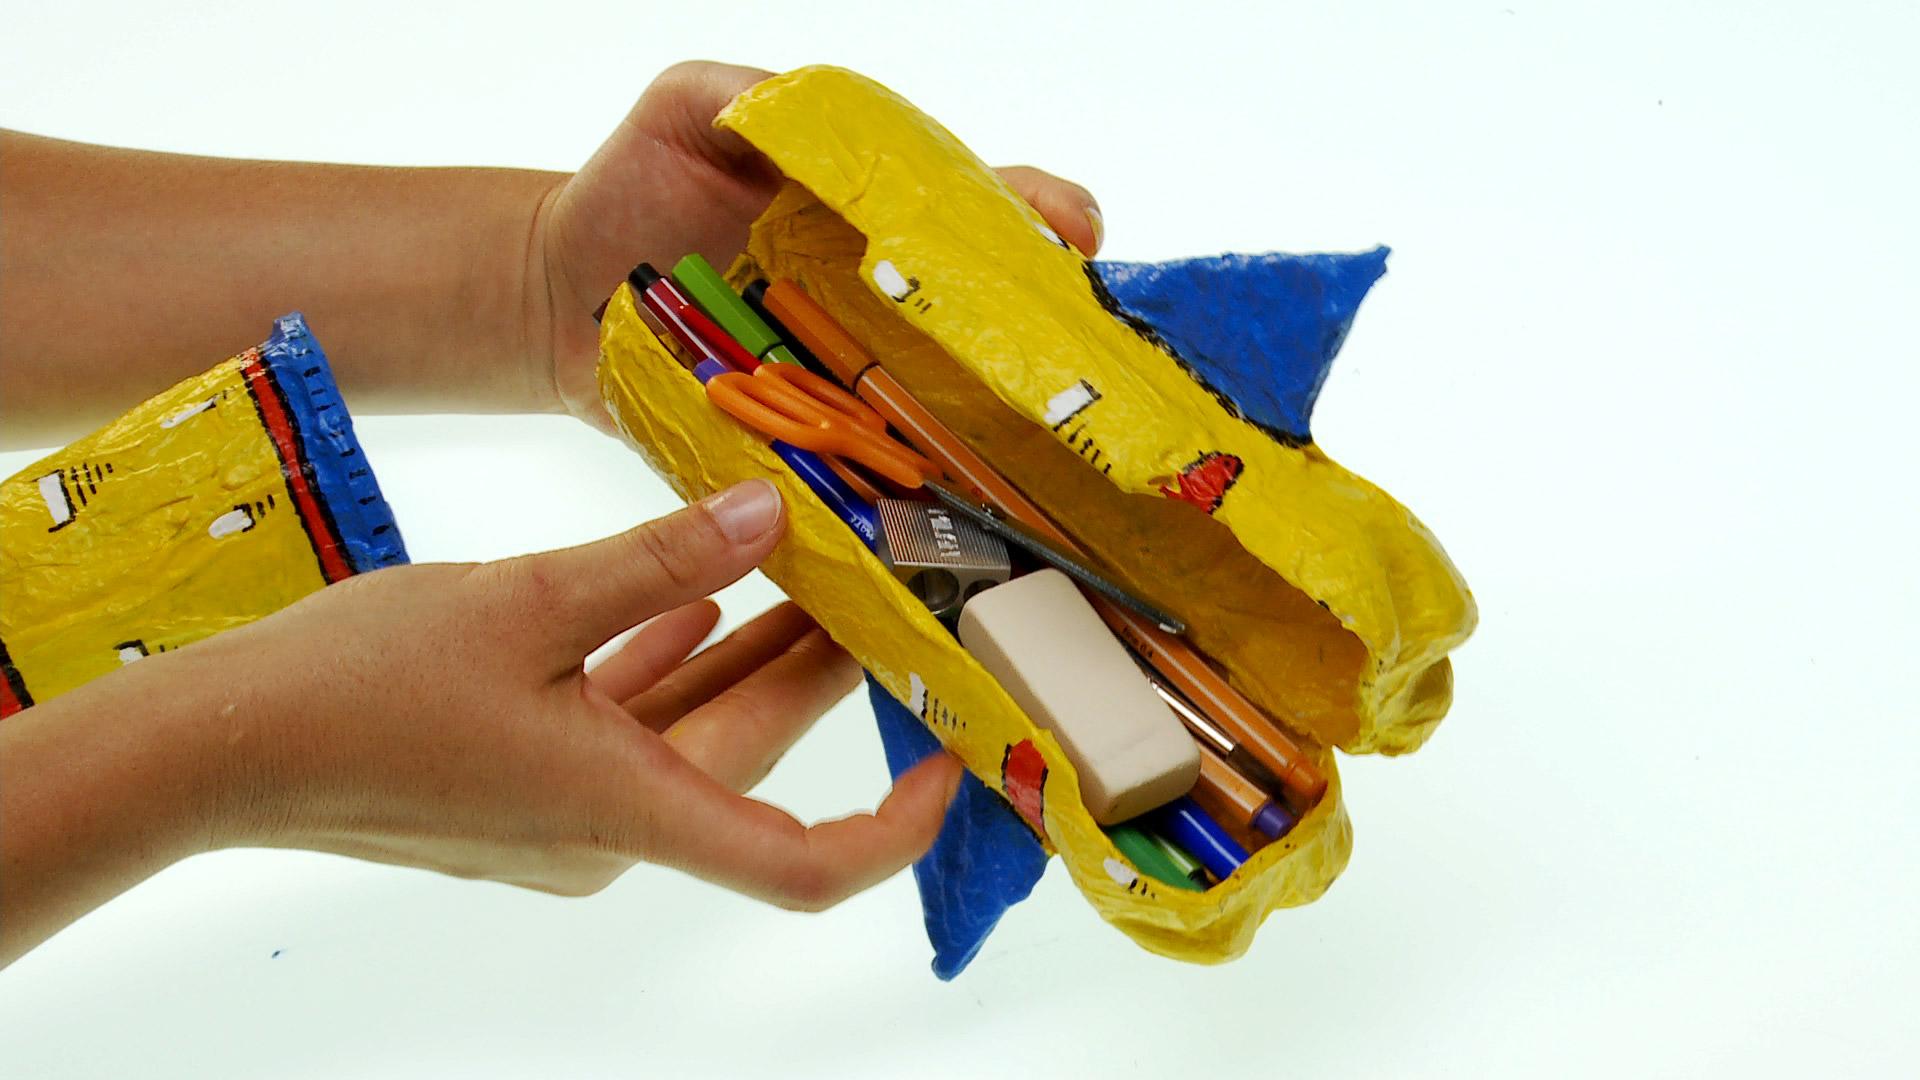 Para guardar los lápices y artículos del colegio en la casa, o para llevarlos al colegio vamos a necesitar un estuche, pero mejor si lo hacemos a nuestro gusto, por ejemplo uno que tenga forma de cohete.